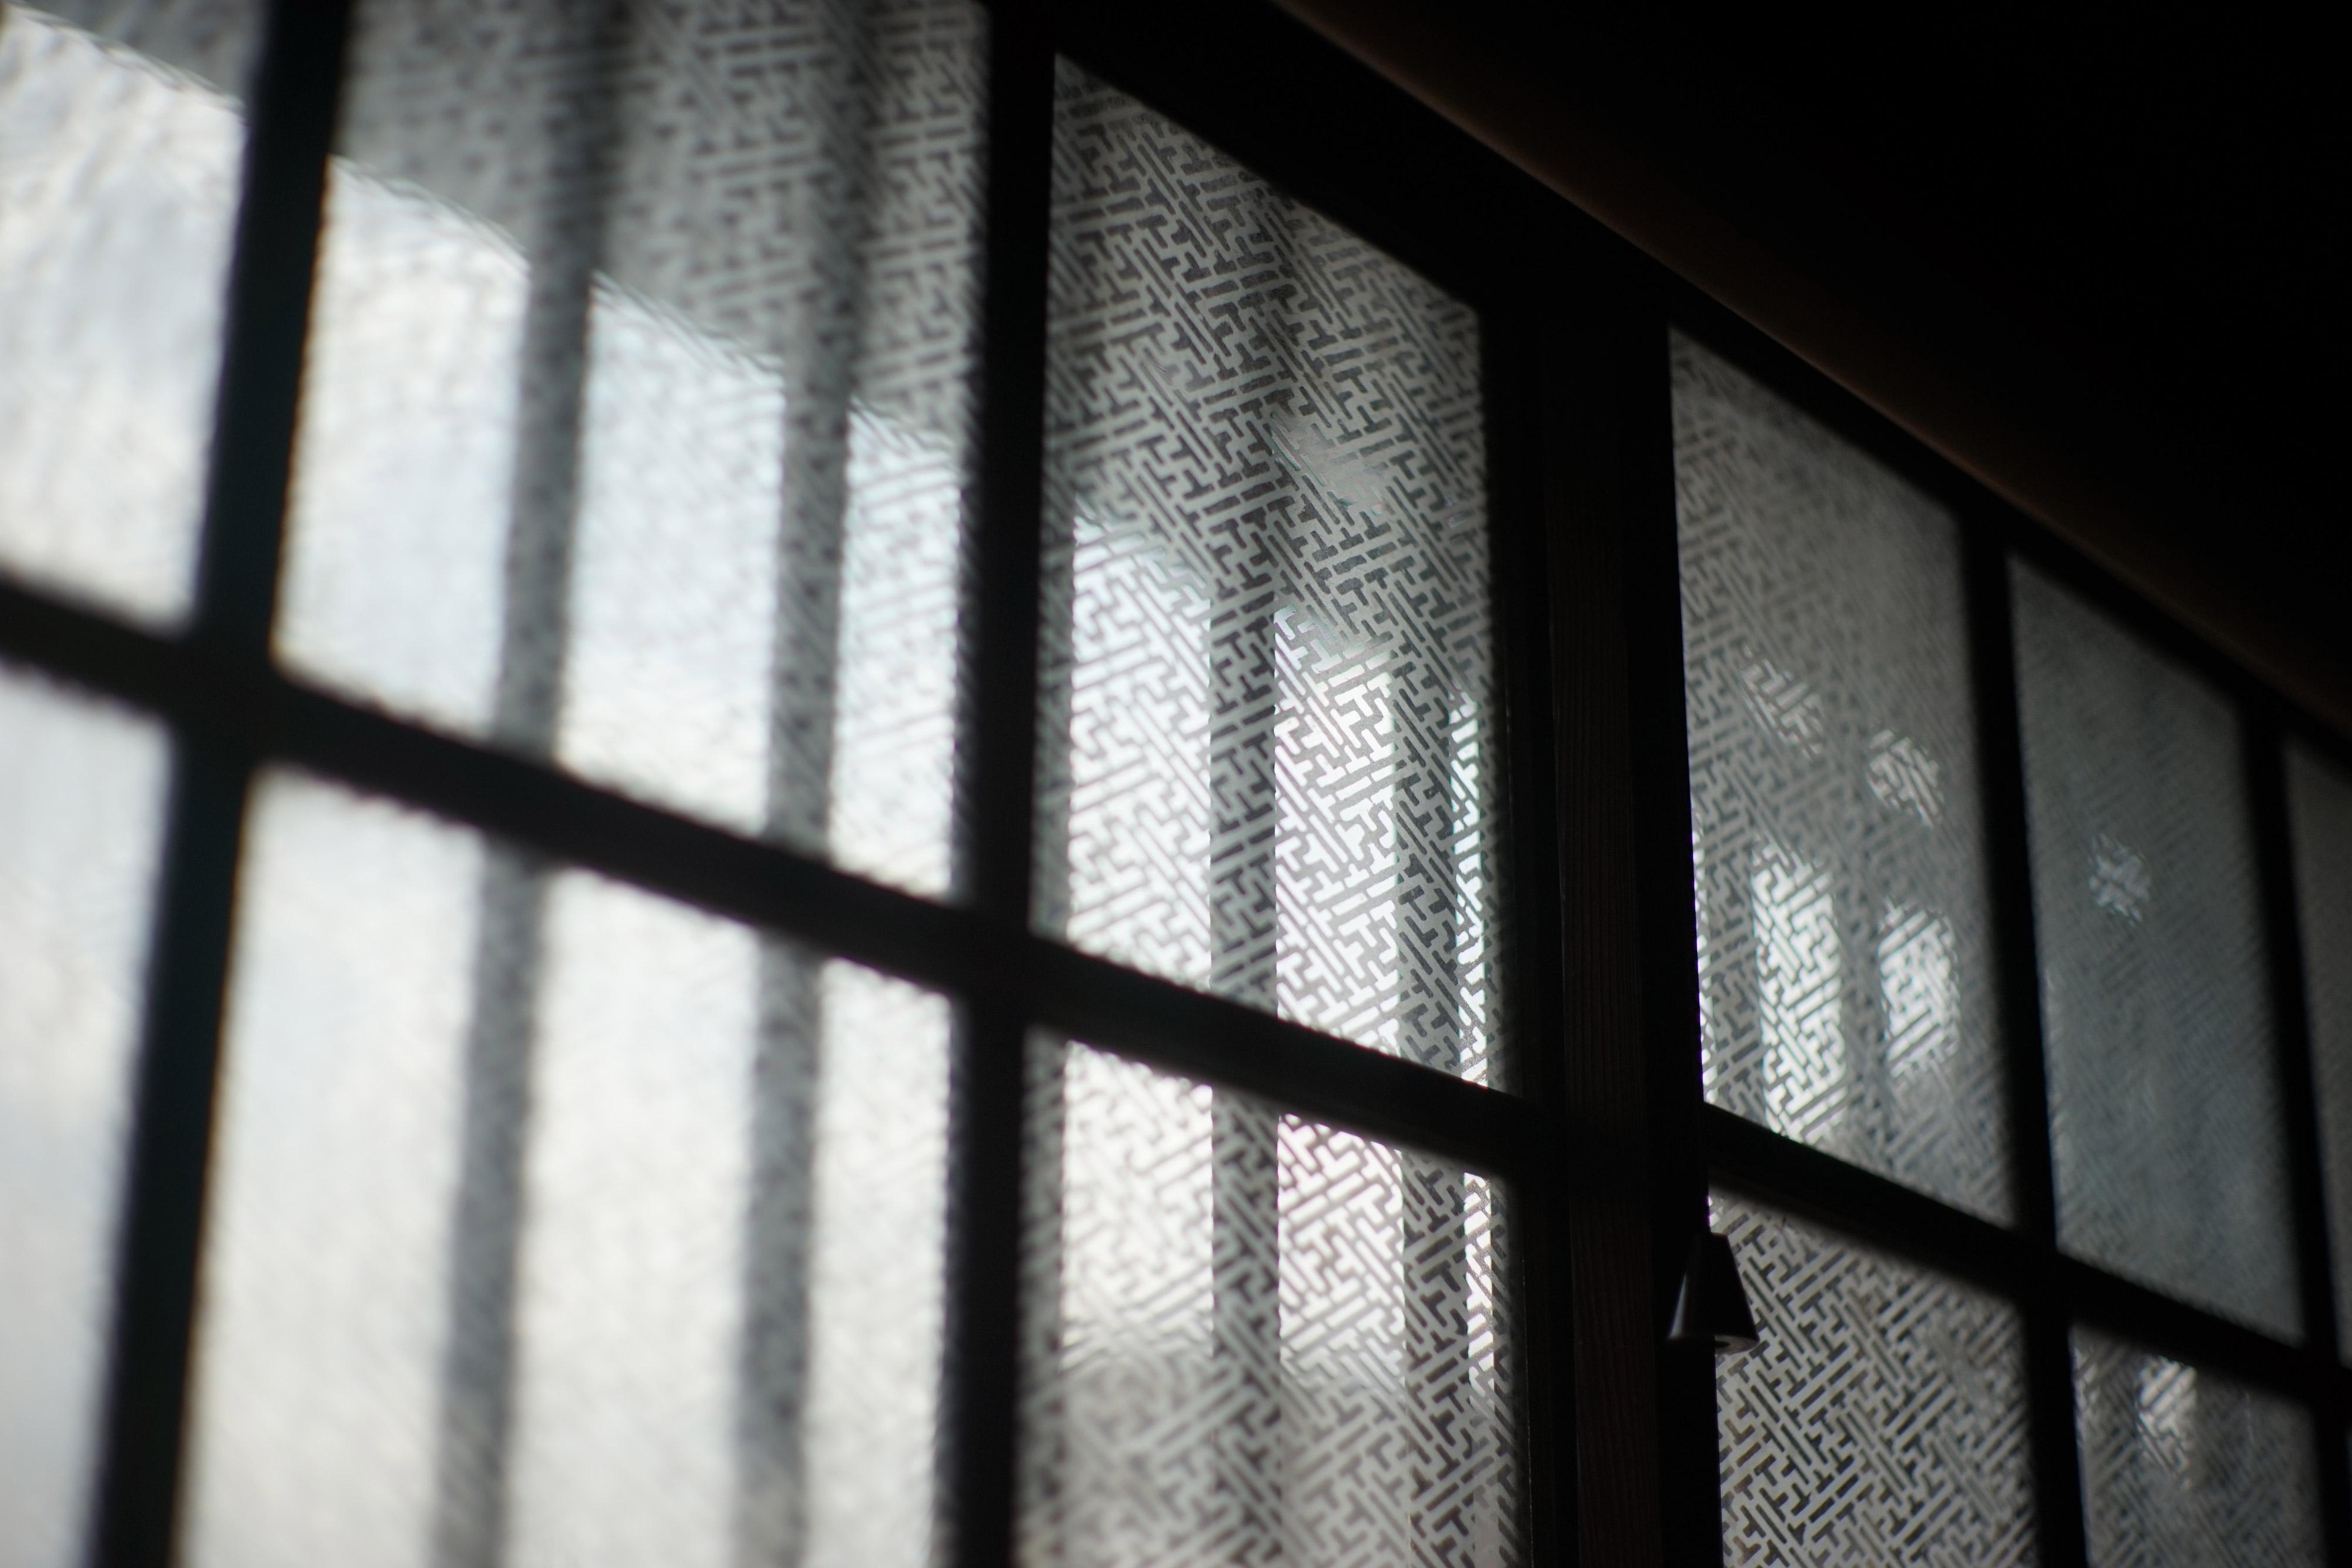 松澤穣暮らしを映すカメラ第6話住まい塾埼玉県志木市本町2-4-50きれいなエッチングのガラス窓